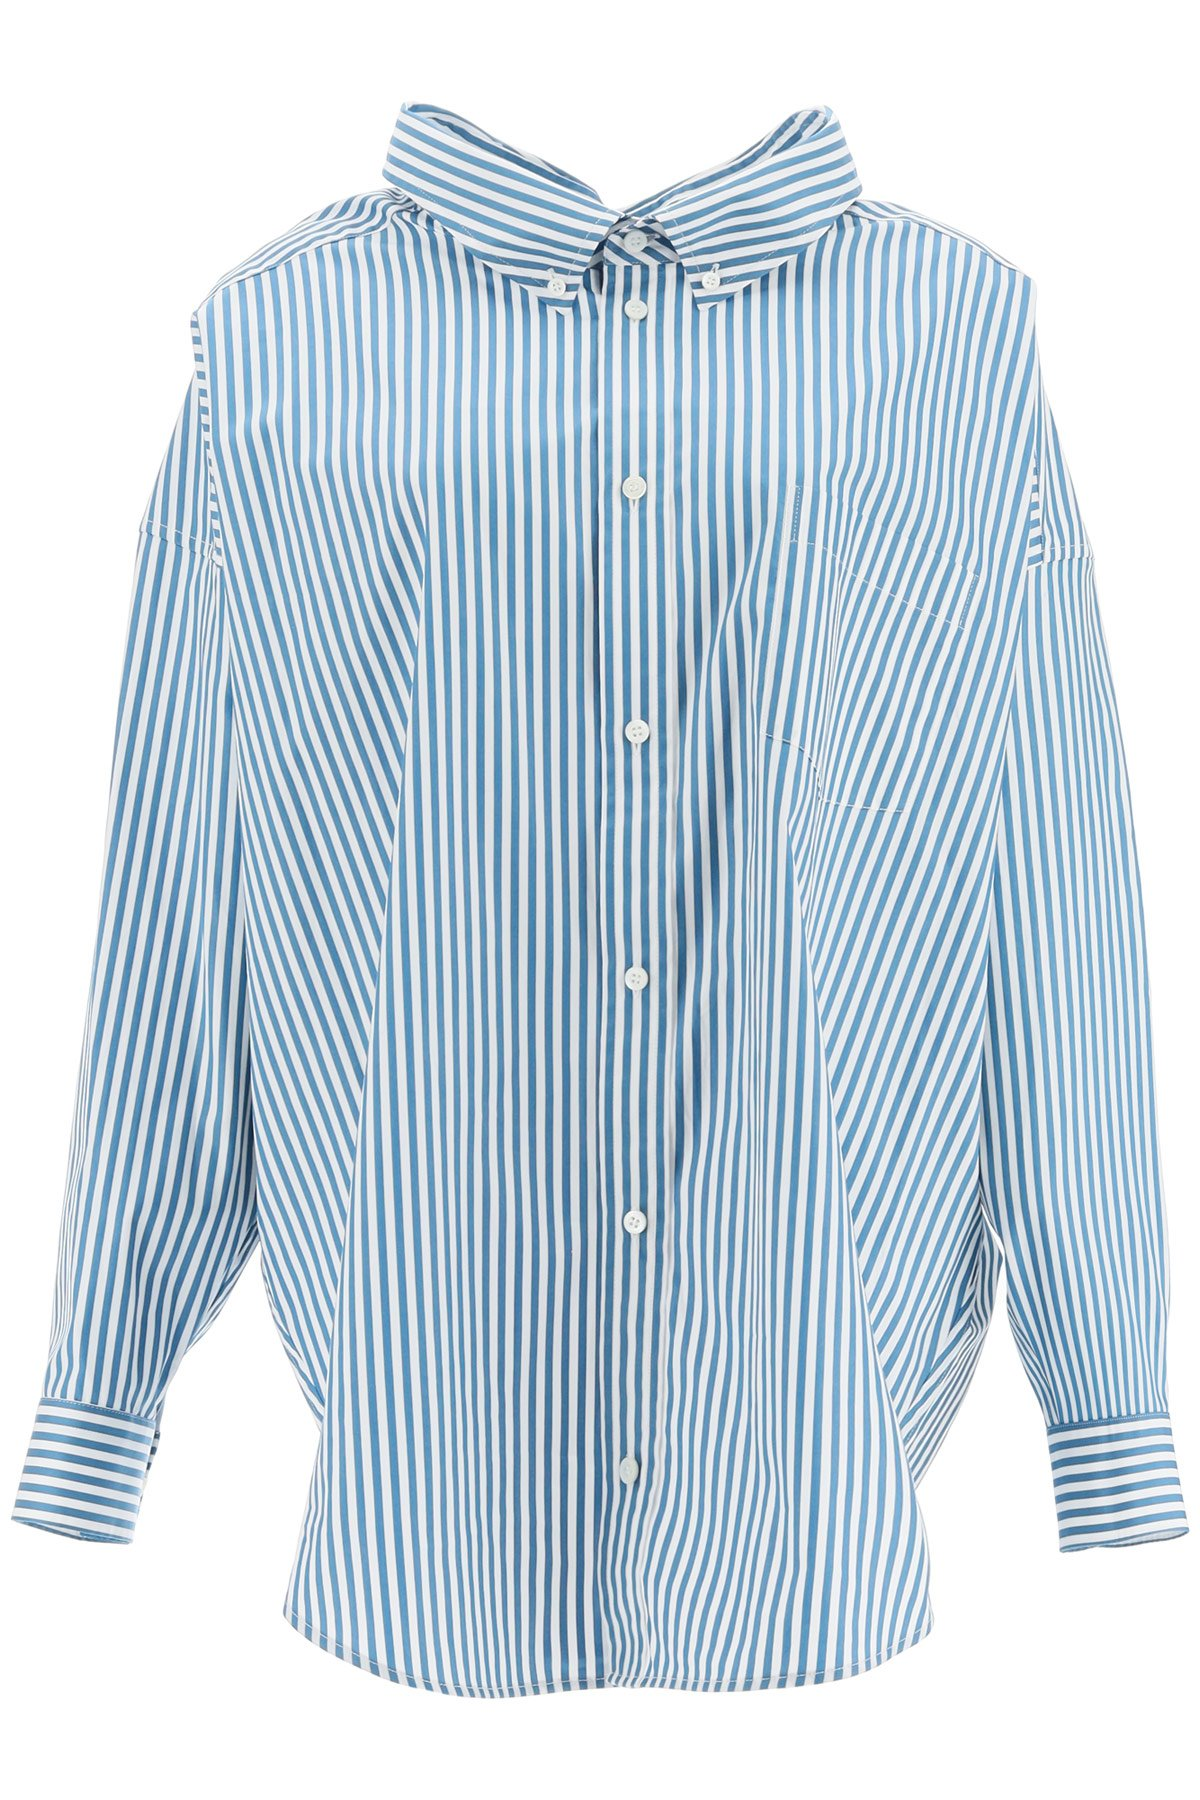 Balenciaga camicia swing con logo on back